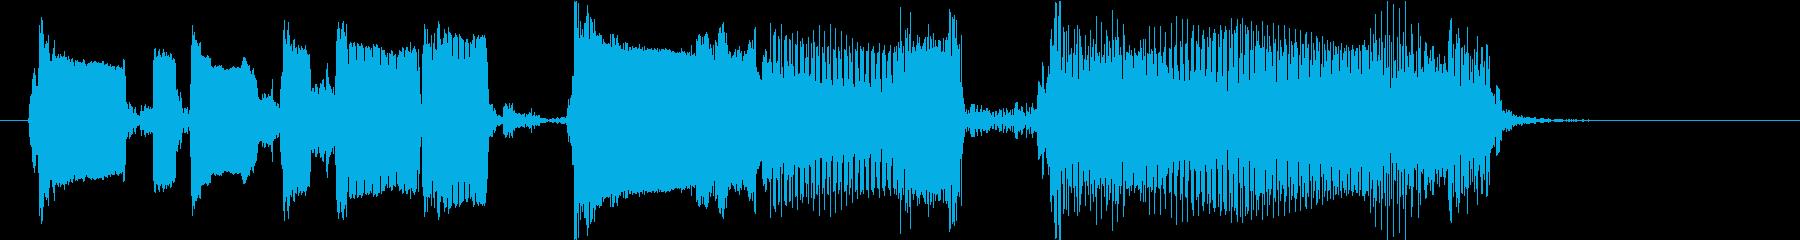 コミカルなギタージングルの再生済みの波形